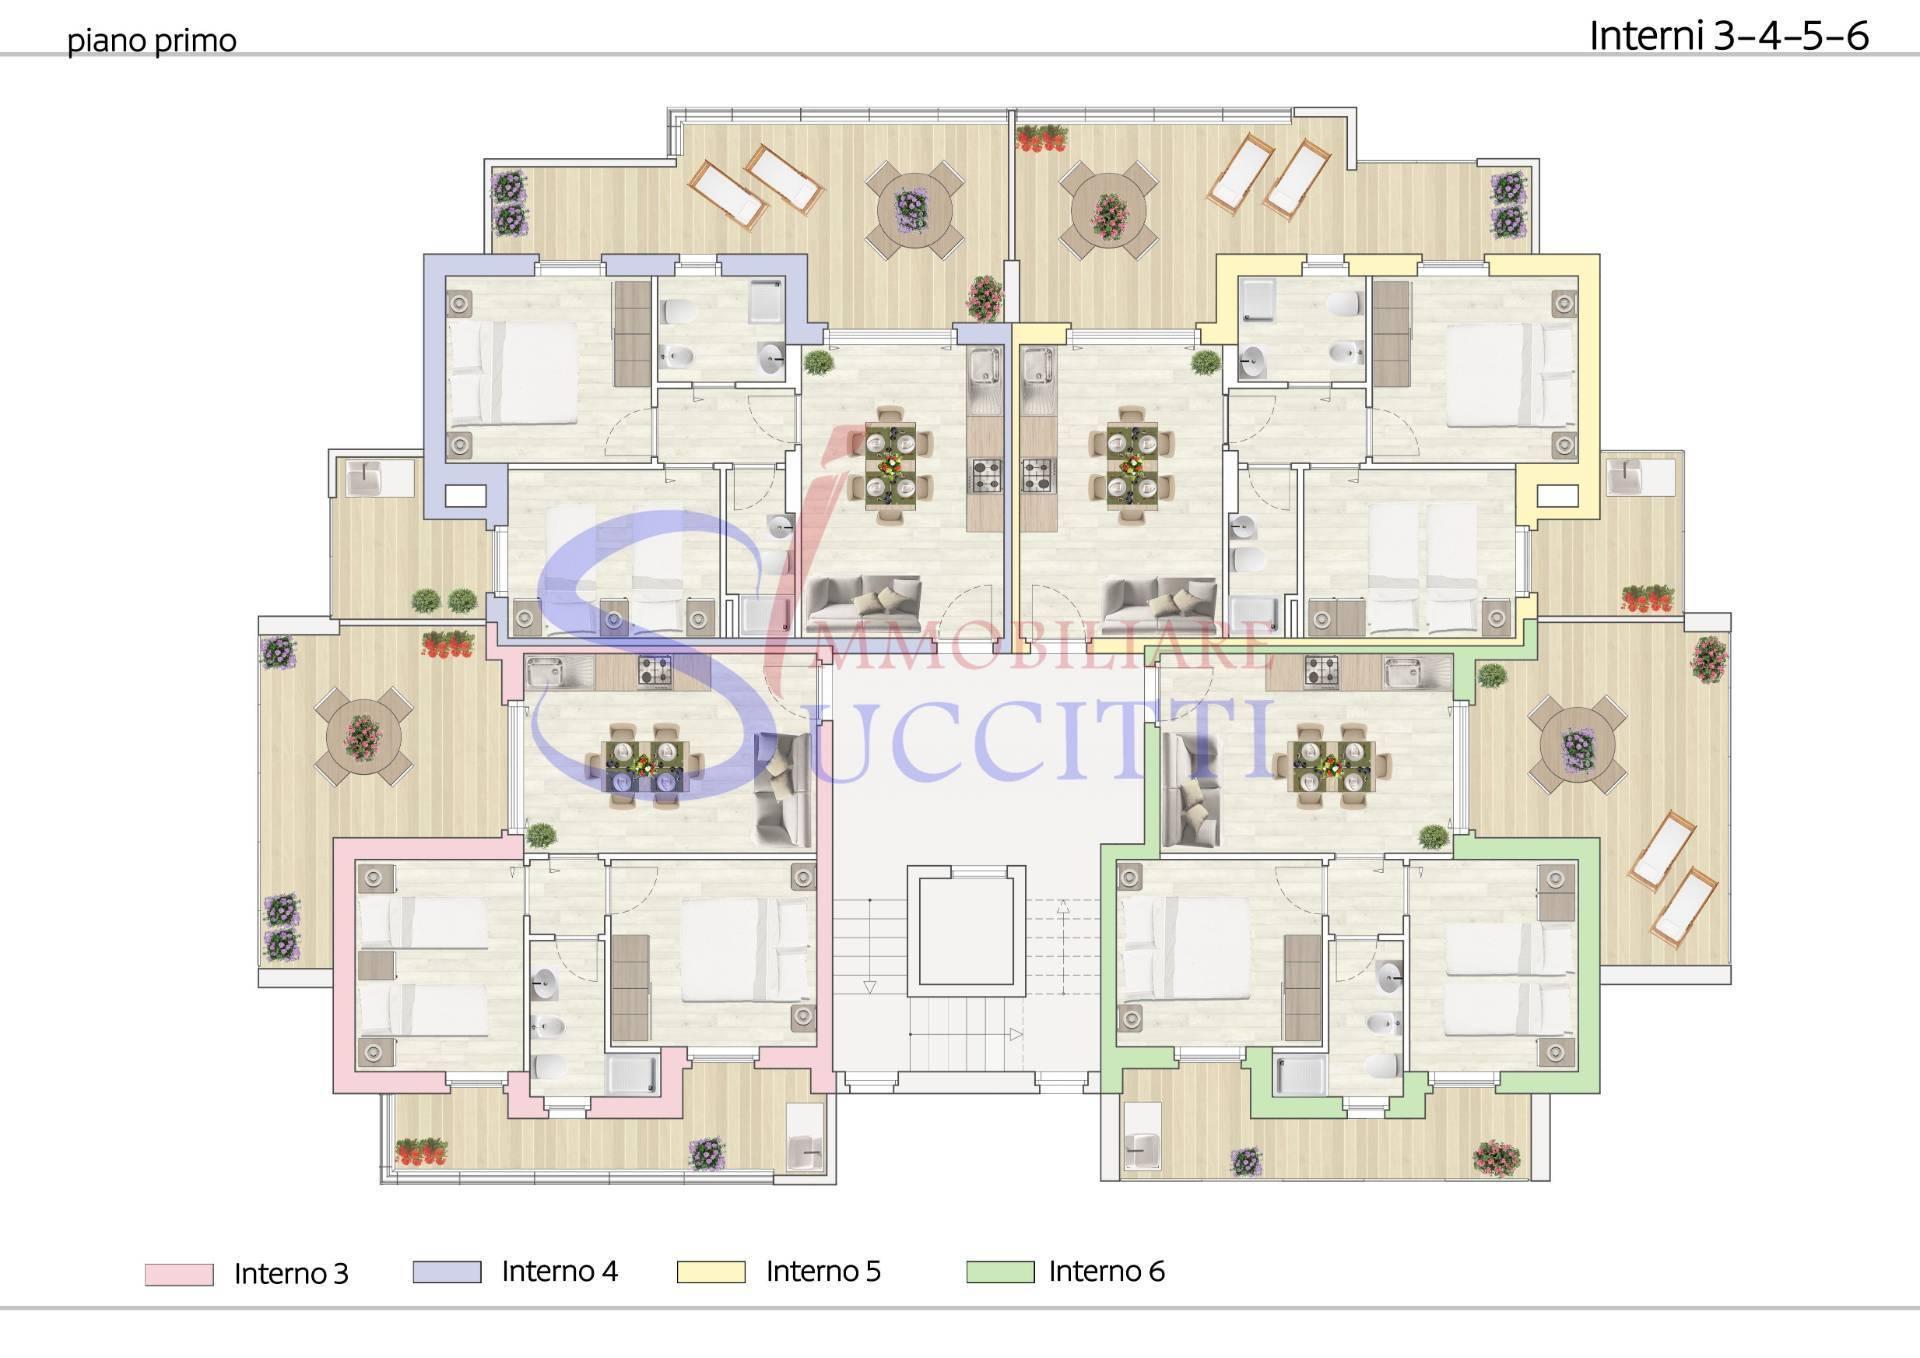 Appartamento in vendita a Tortoreto, 3 locali, zona Località: TortoretoLido, prezzo € 155.000 | CambioCasa.it